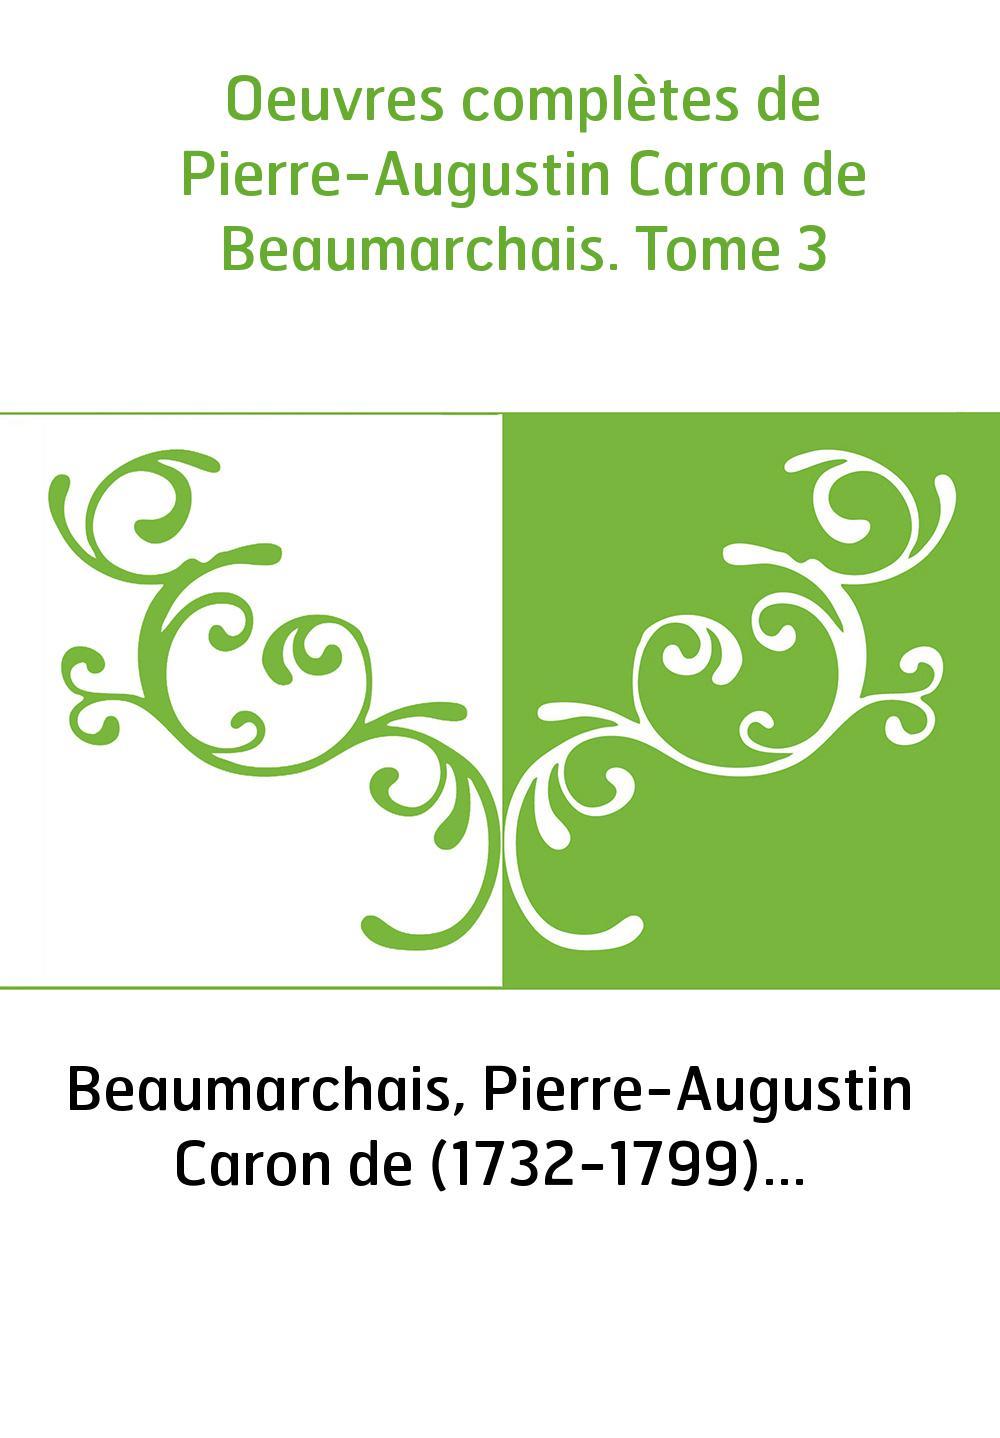 Oeuvres complètes de Pierre-Augustin Caron de Beaumarchais. Tome 3